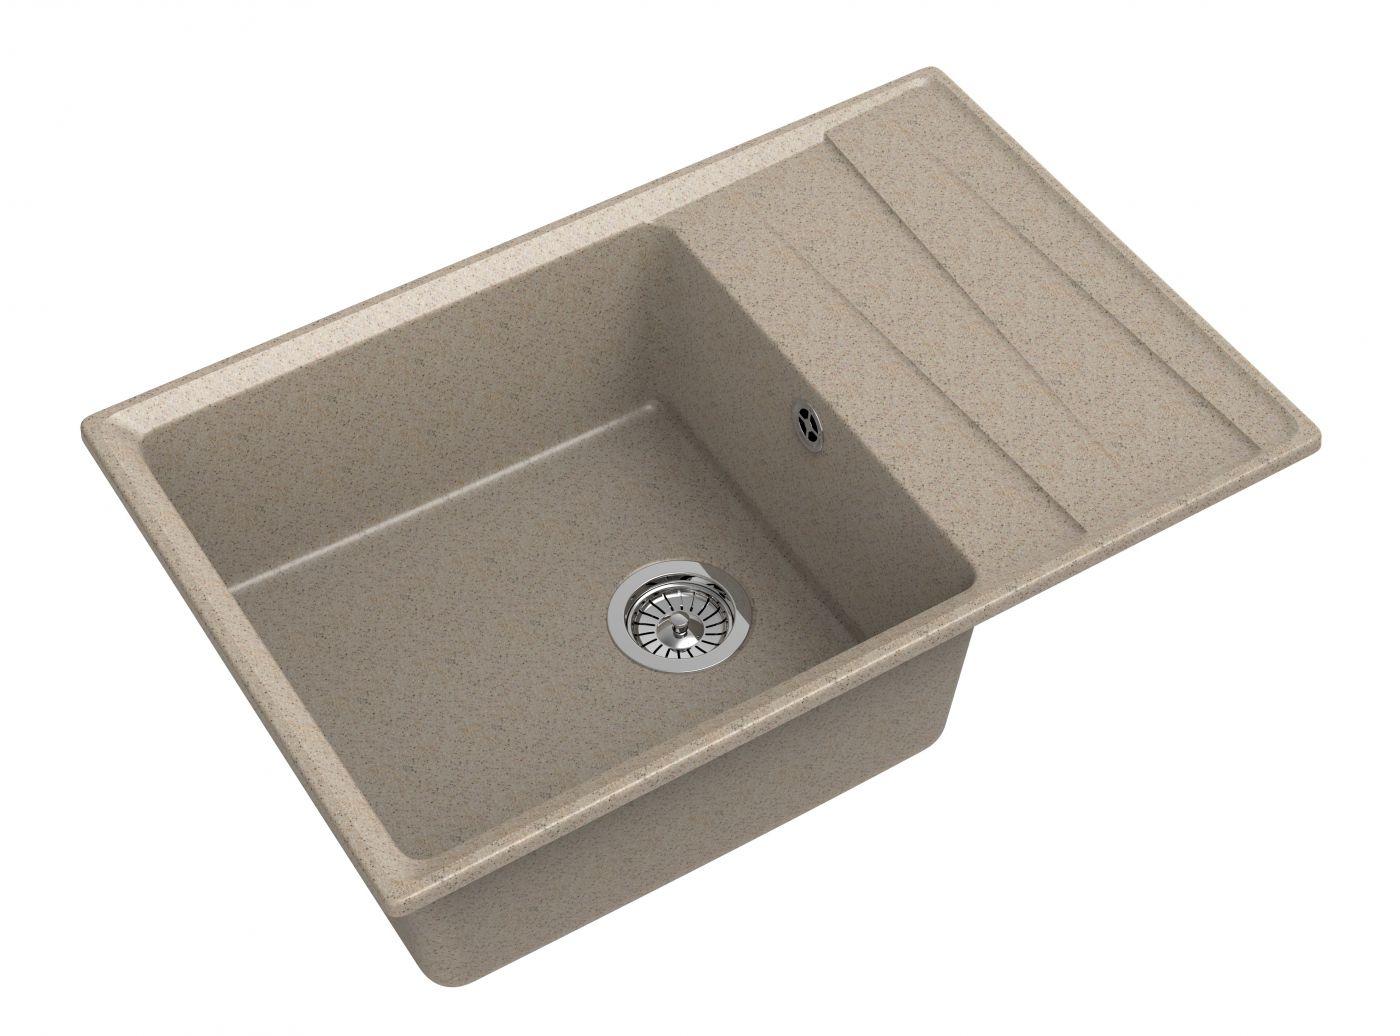 Мраморная мойка для кухни GranFest Level GF-LV760L Песочный